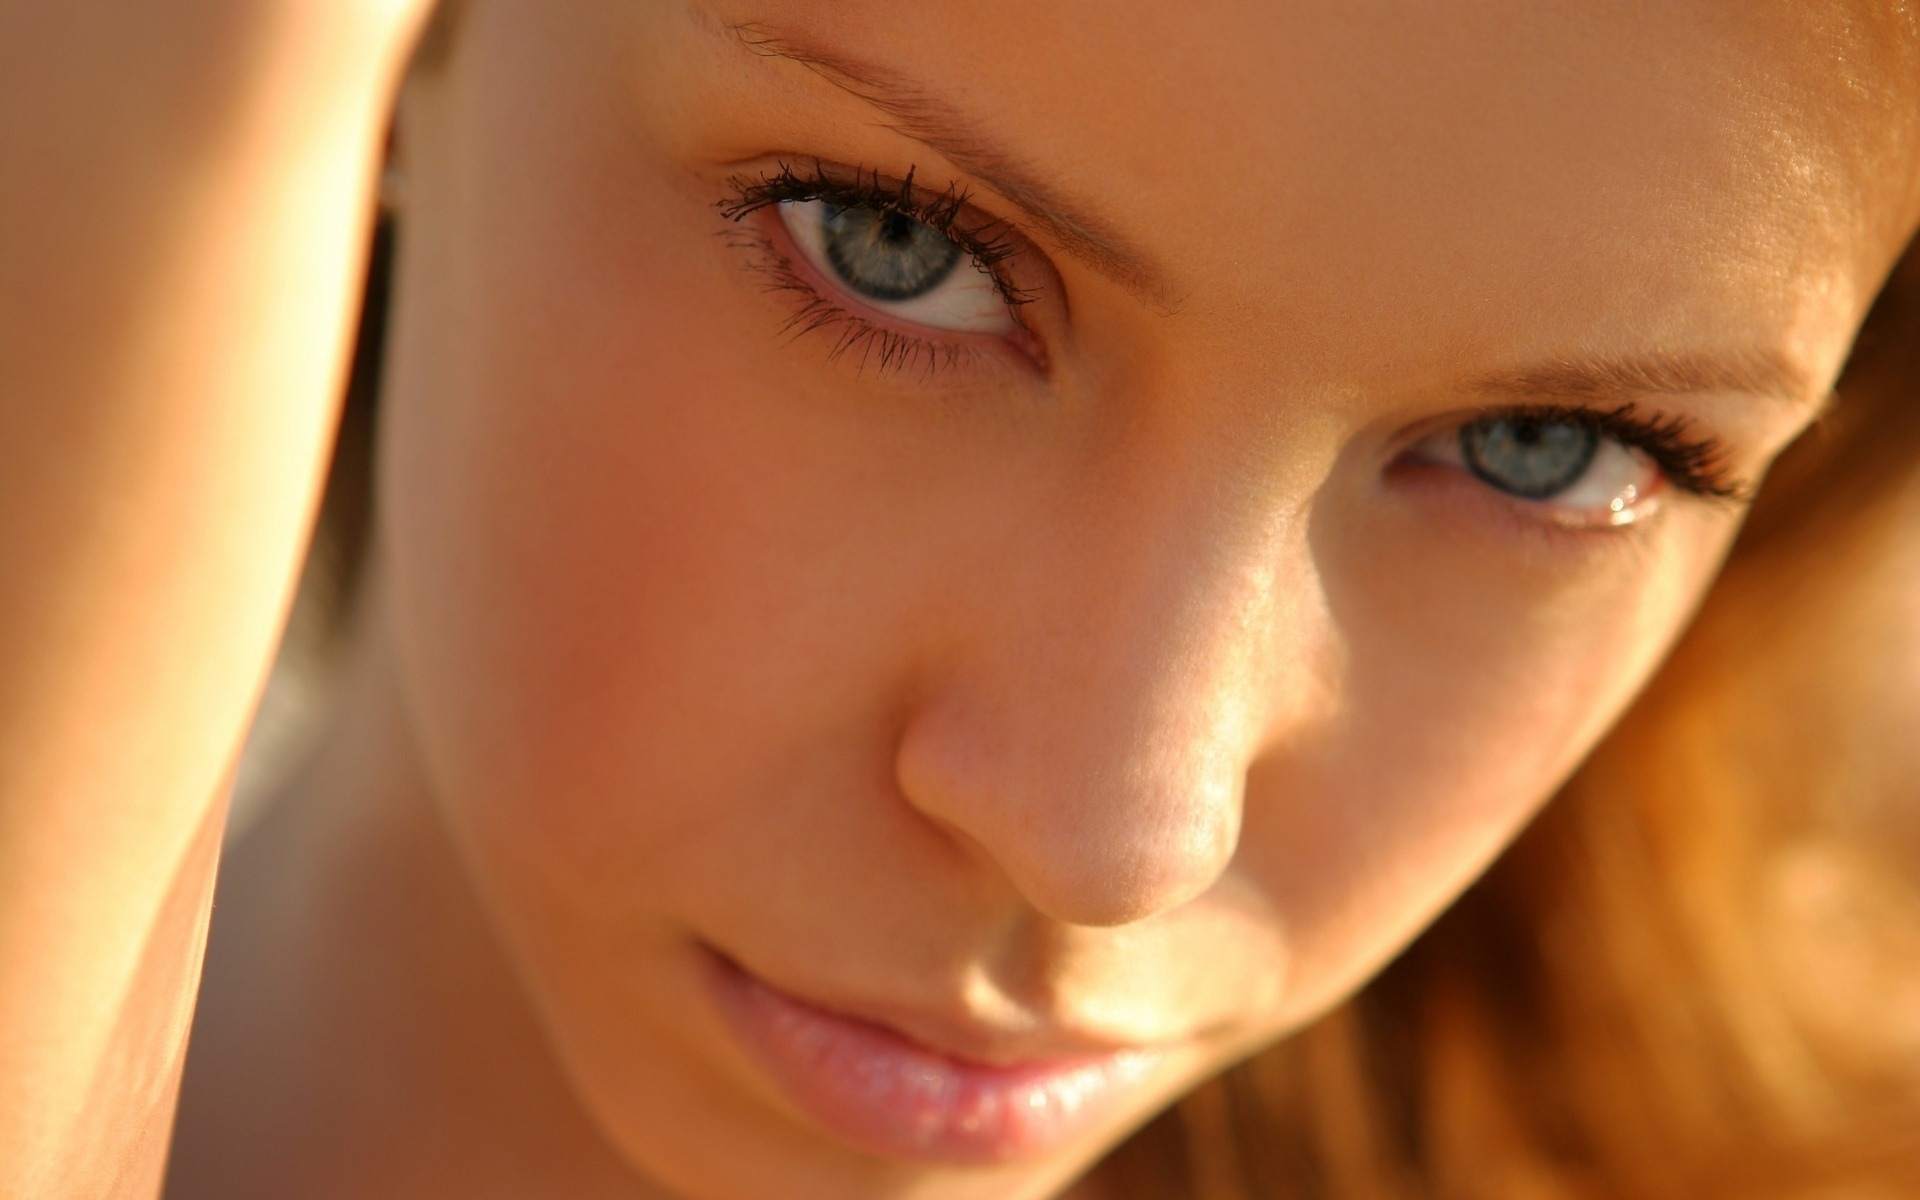 Фото девушки без глаз